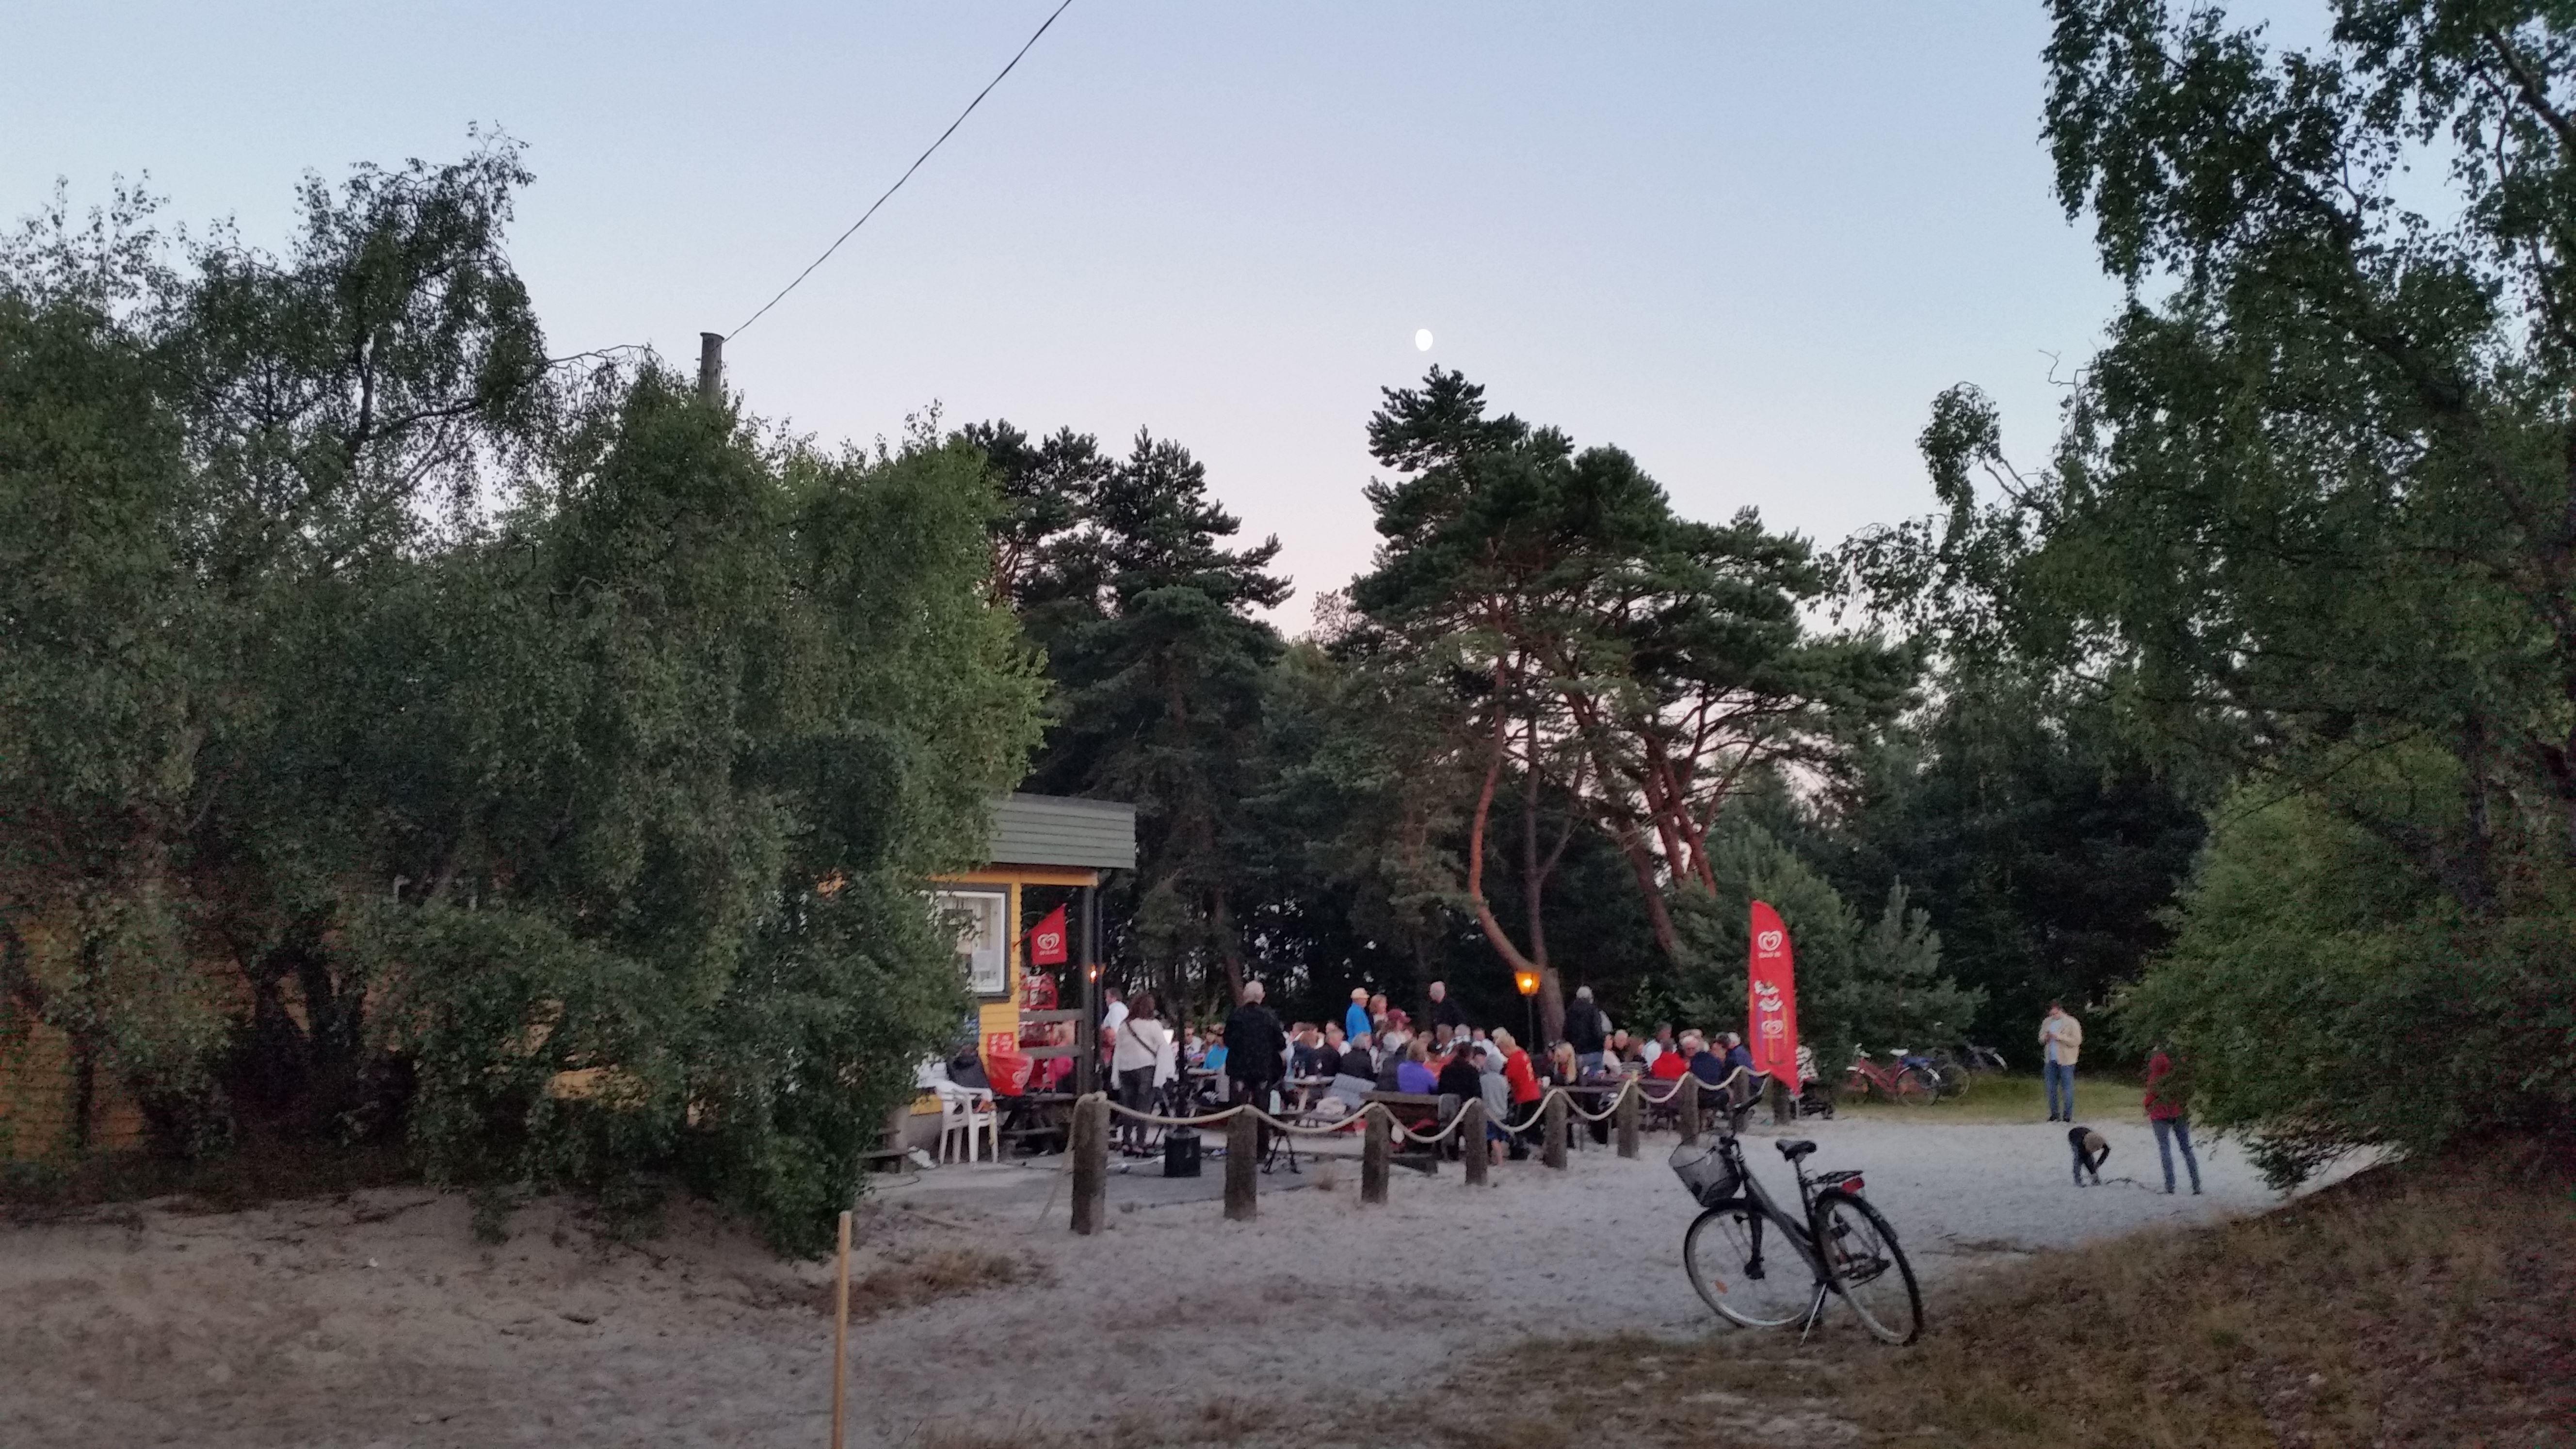 Strandcaféet Sandviken